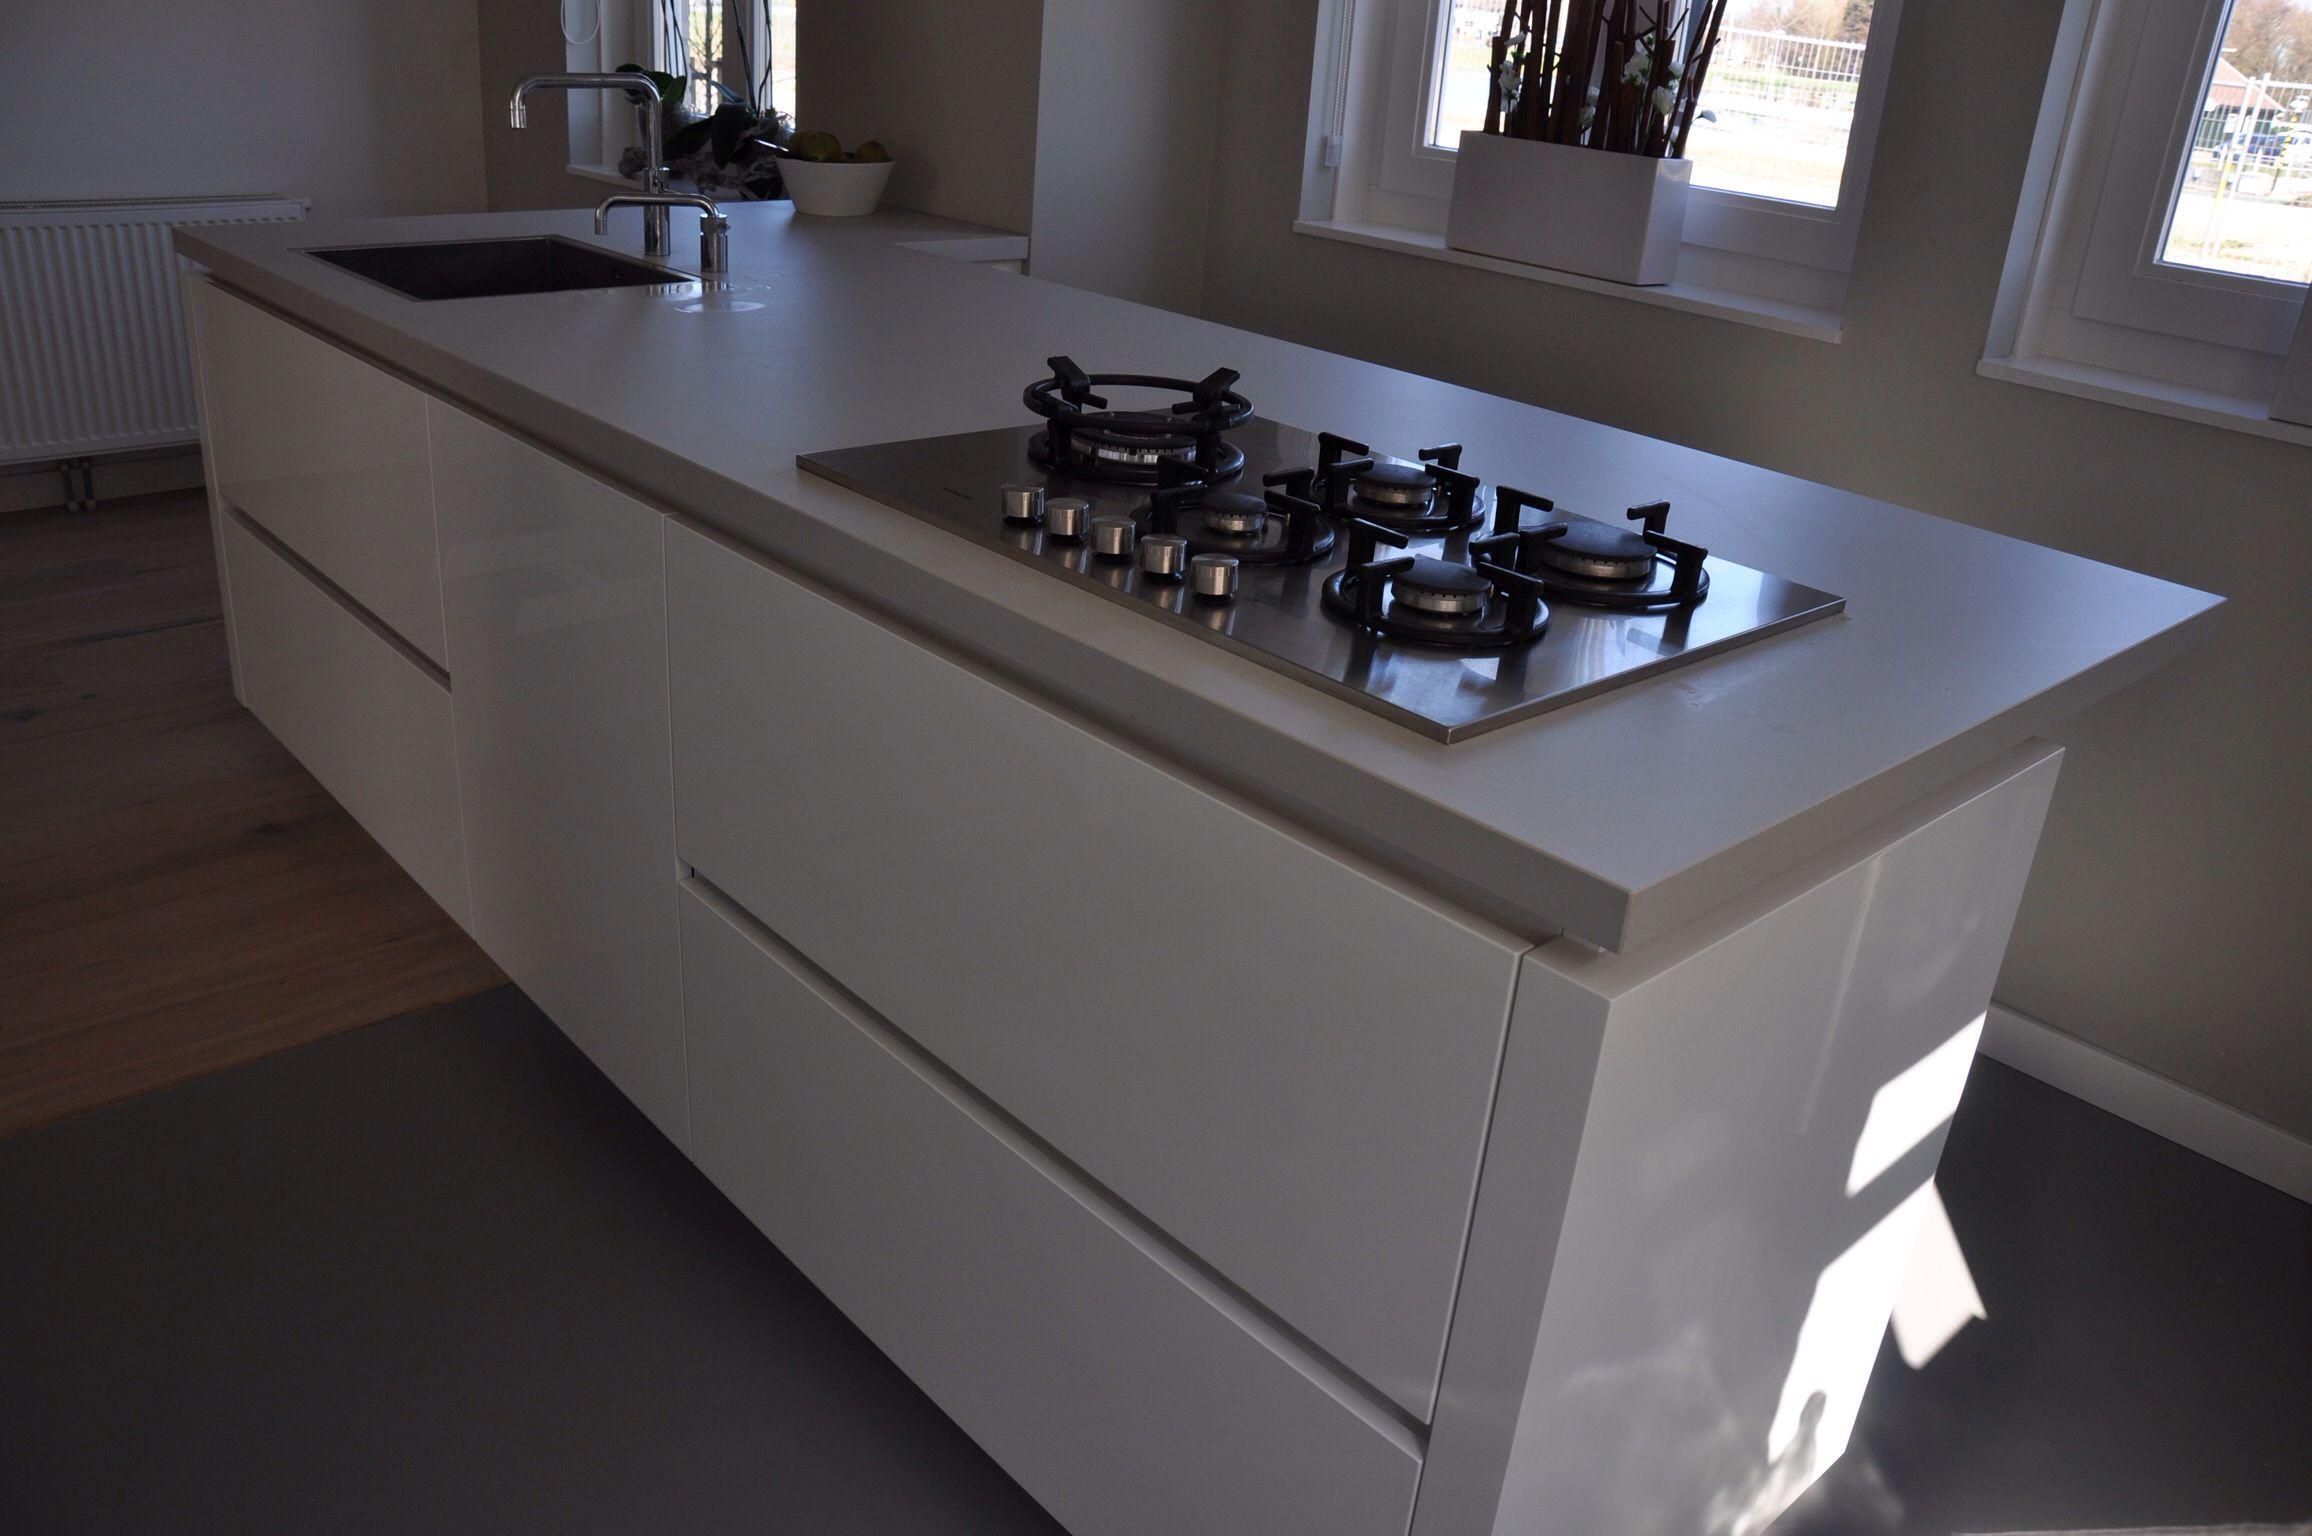 Grijze Keuken Met Wit Blad : Keukens Kleurtjes, Betonlook Blad, Met Betonlook, Keuken Wit Greeploos